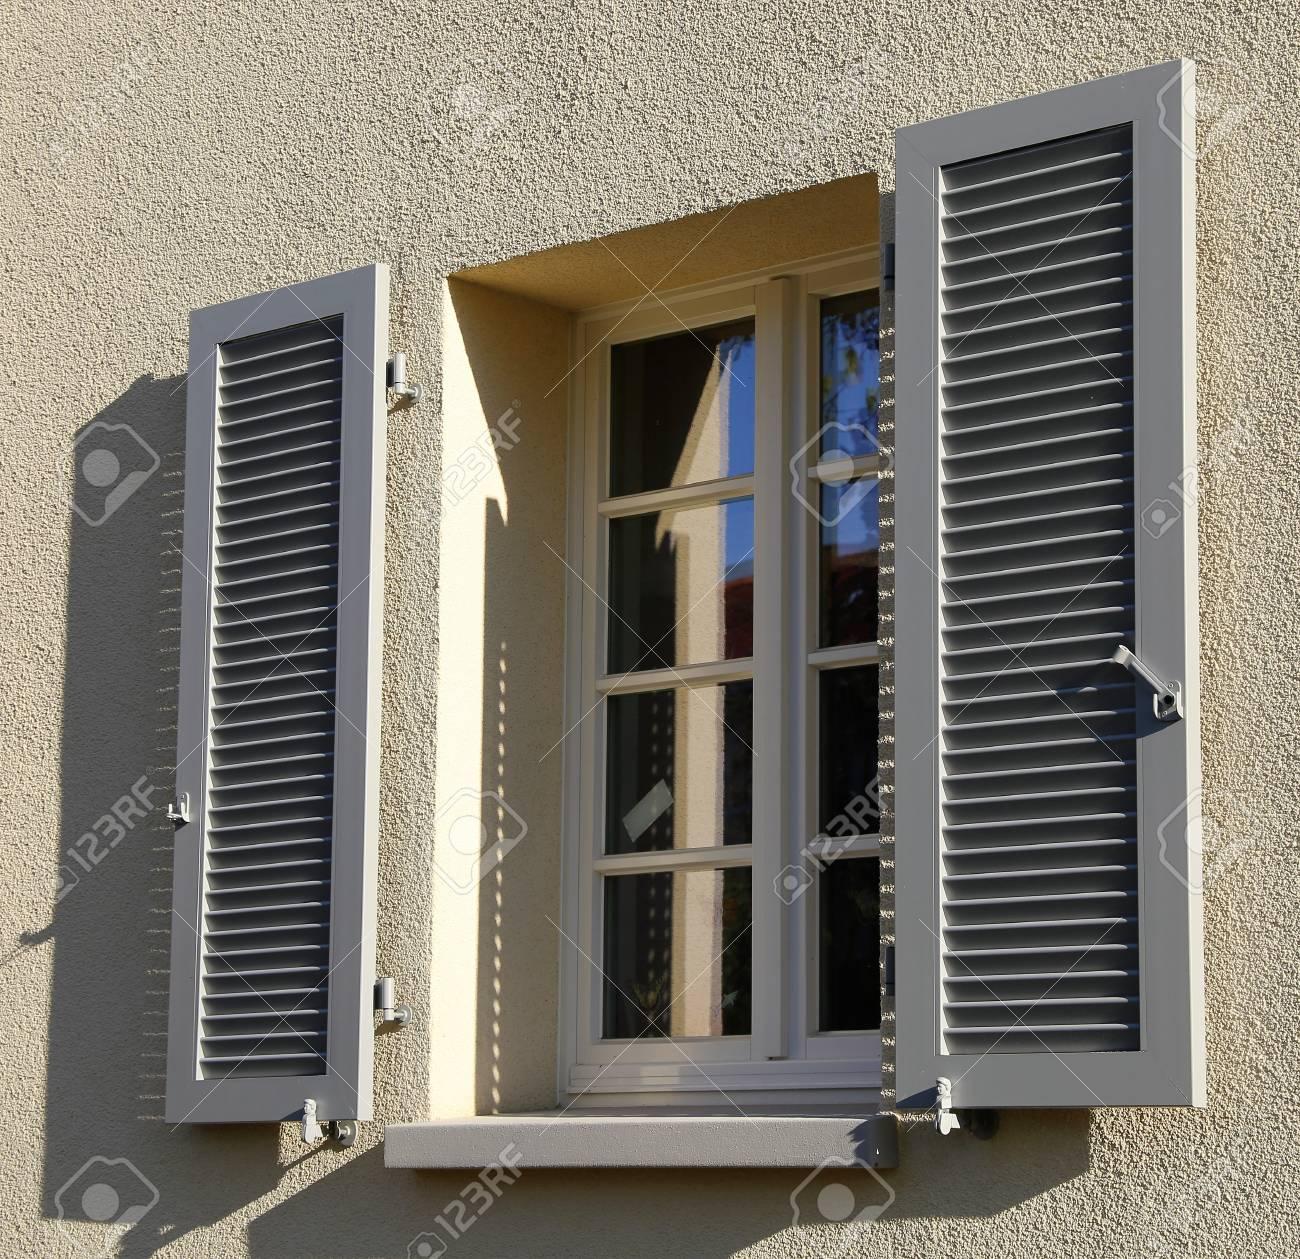 Fenêtre Avec Volet En Bois Tir Extérieur Banque Dimages Et Photos